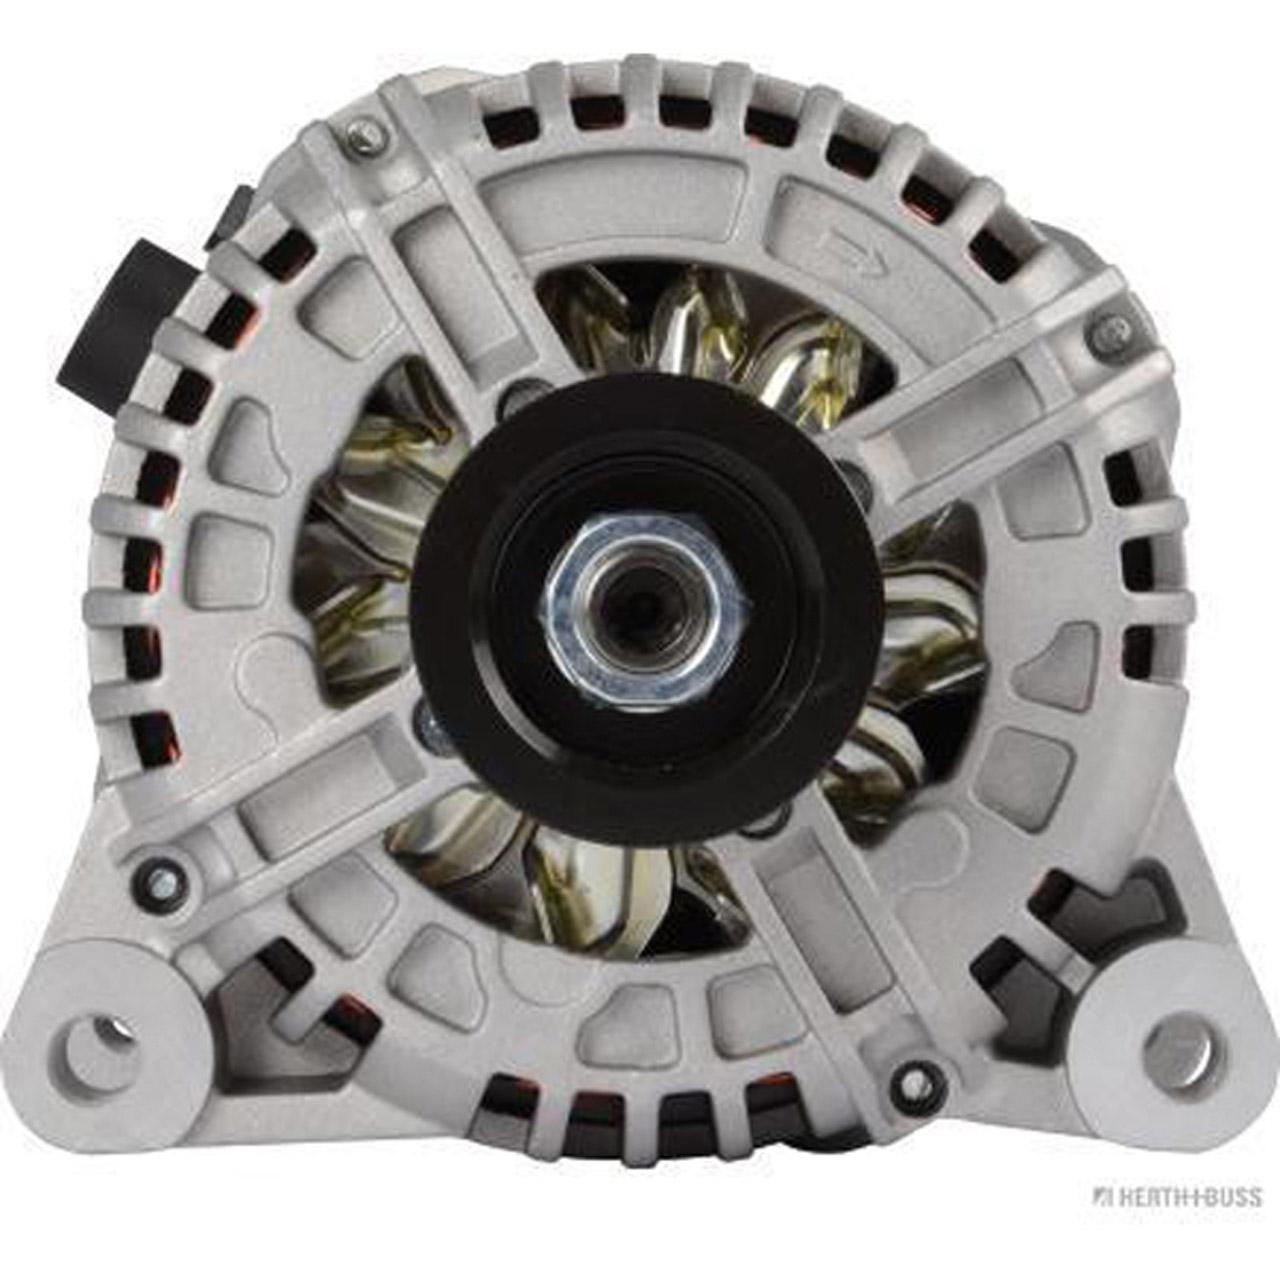 HERTH+BUSS Lichtmaschine 14V 150A CITROEN C4 C5 C8 PEUGEOT 307 308 EXPERT 2.0